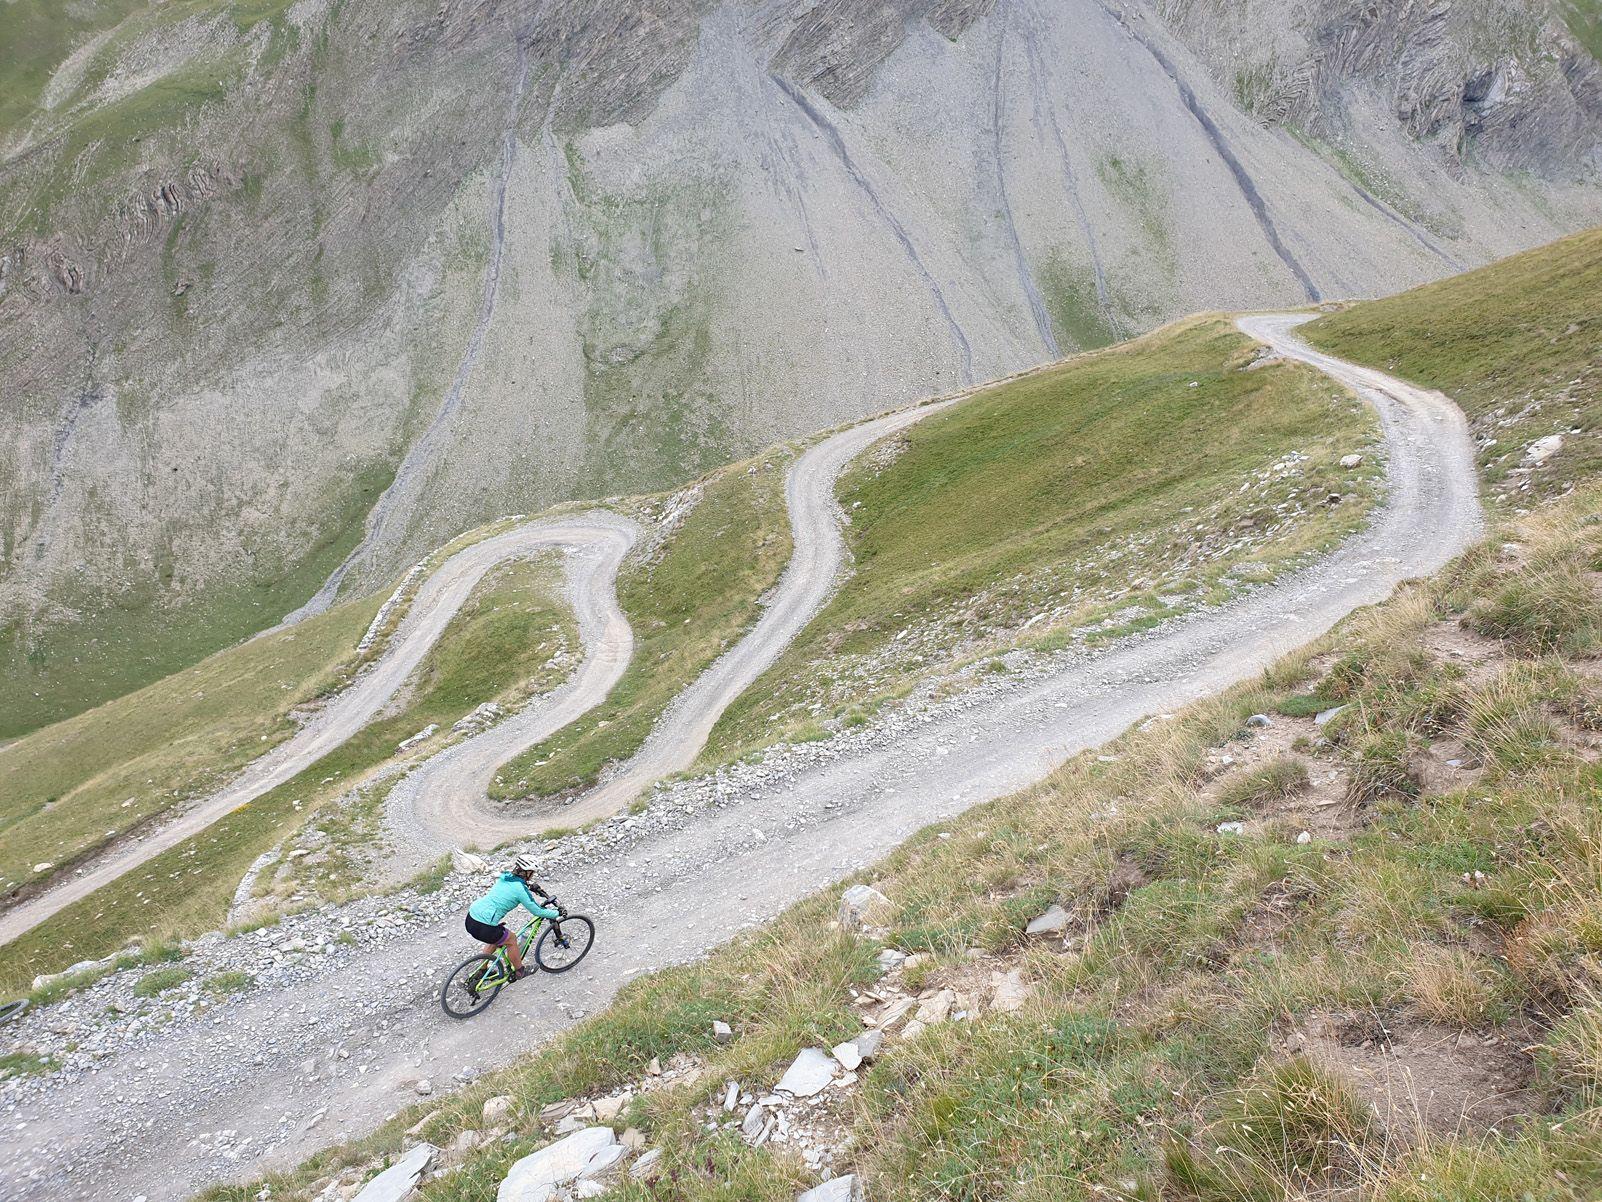 3r guanyador Jordi Laparra  Nuez   Descens sinuós del Parpaillon   Col de Parpaillon  Alps Ubaye